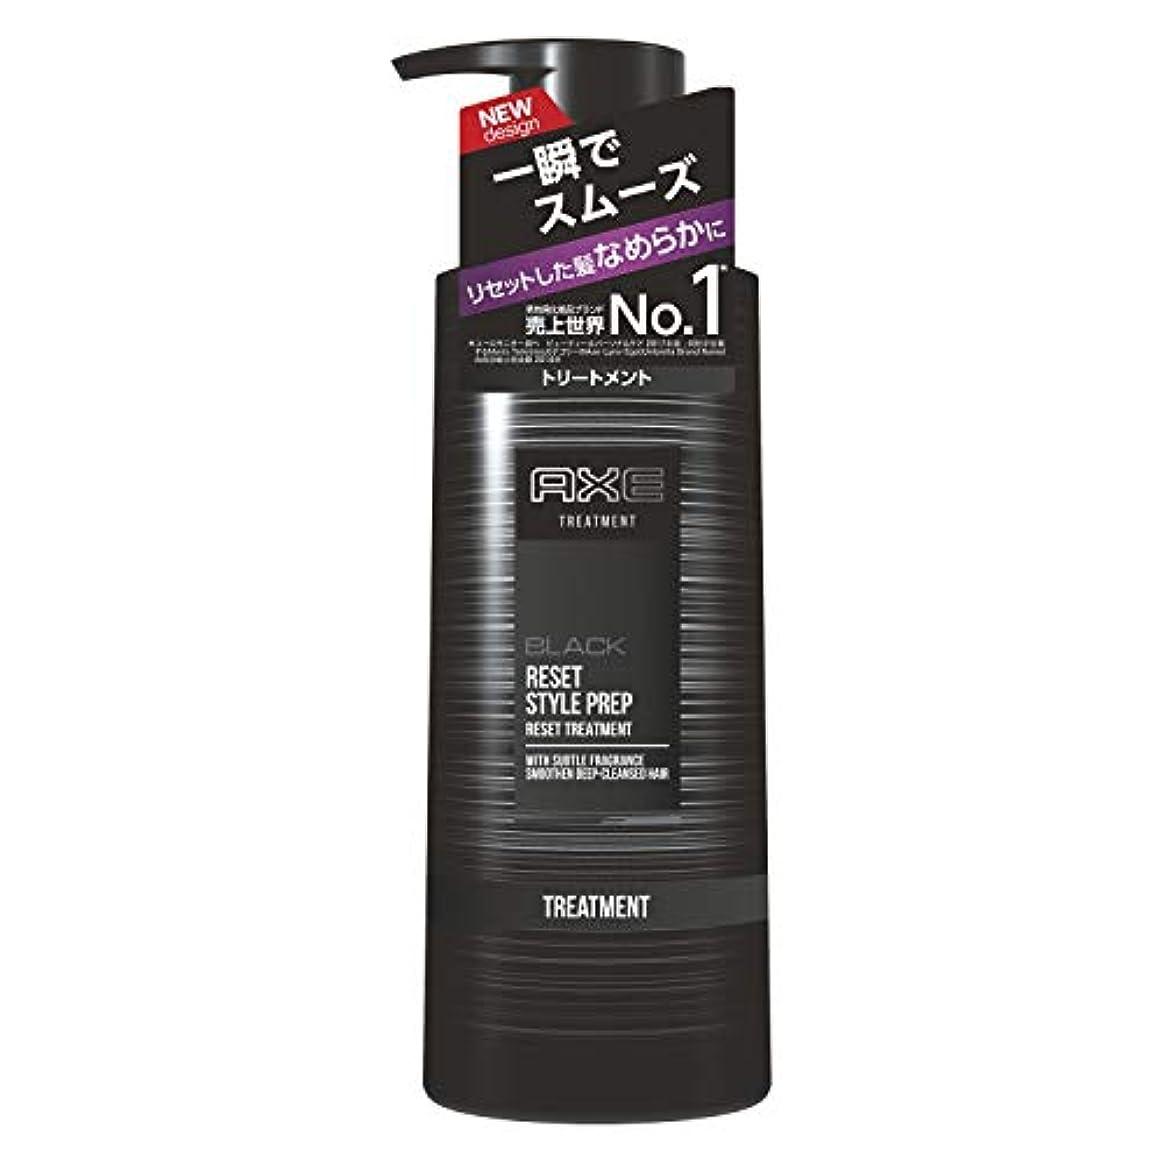 明日鹿遠えアックス ブラック 男性用 トリートメント ポンプ (速攻スムーズ ラクなスタイリングへ) 350g (クールマリンのさりげない香り)